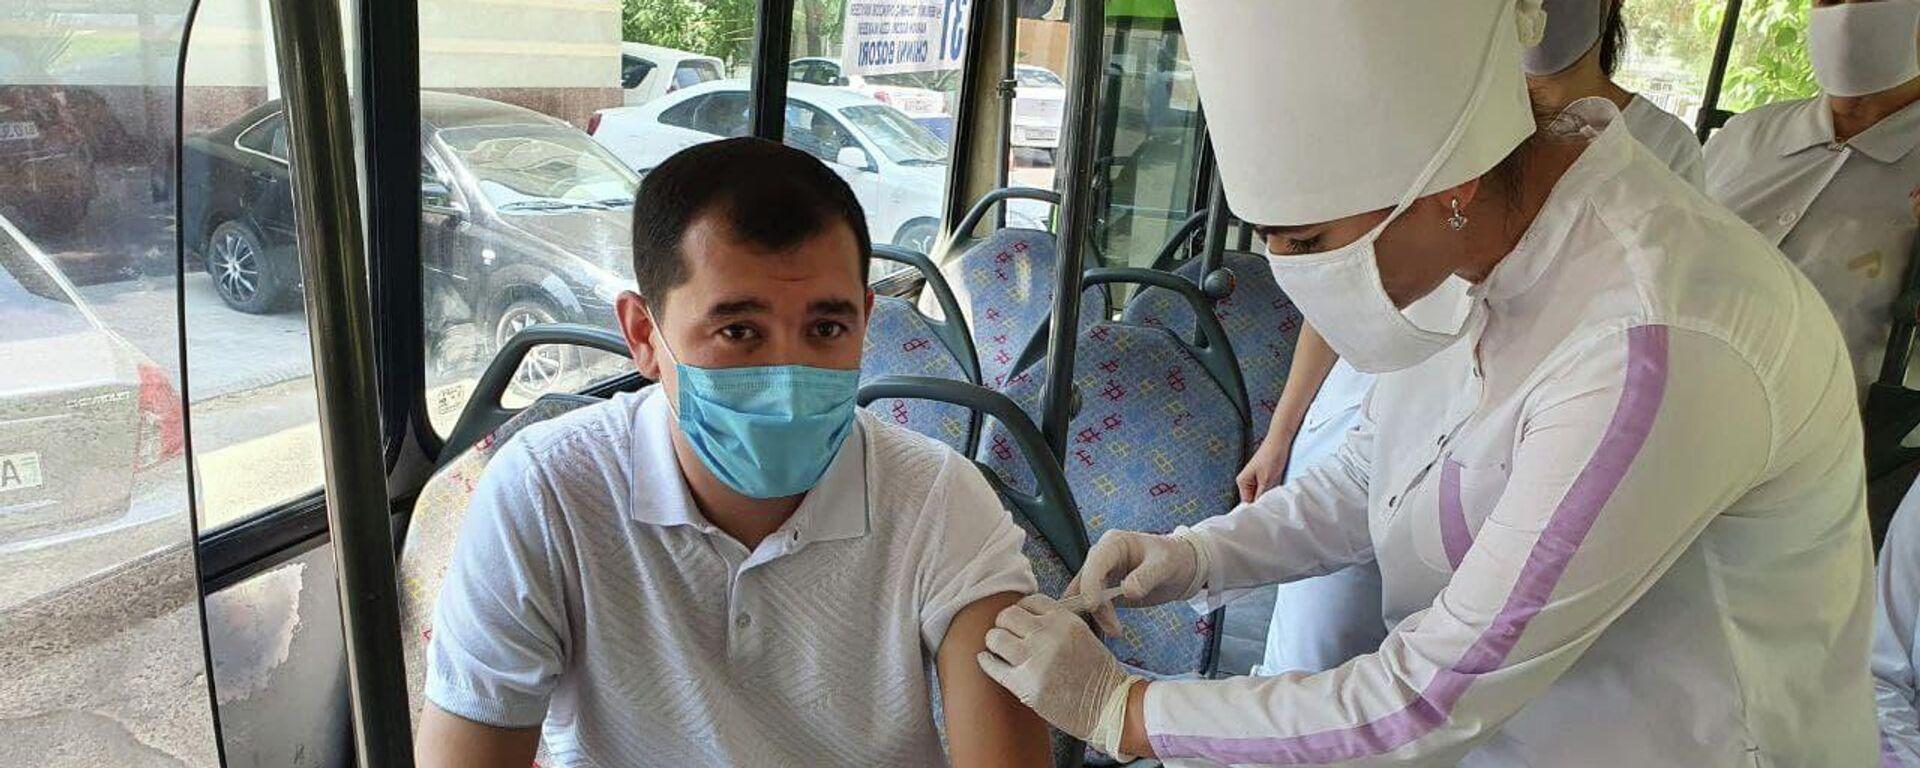 В Ташкенте начали вакцинацию в местах массового скопления людей - Sputnik Узбекистан, 1920, 08.07.2021